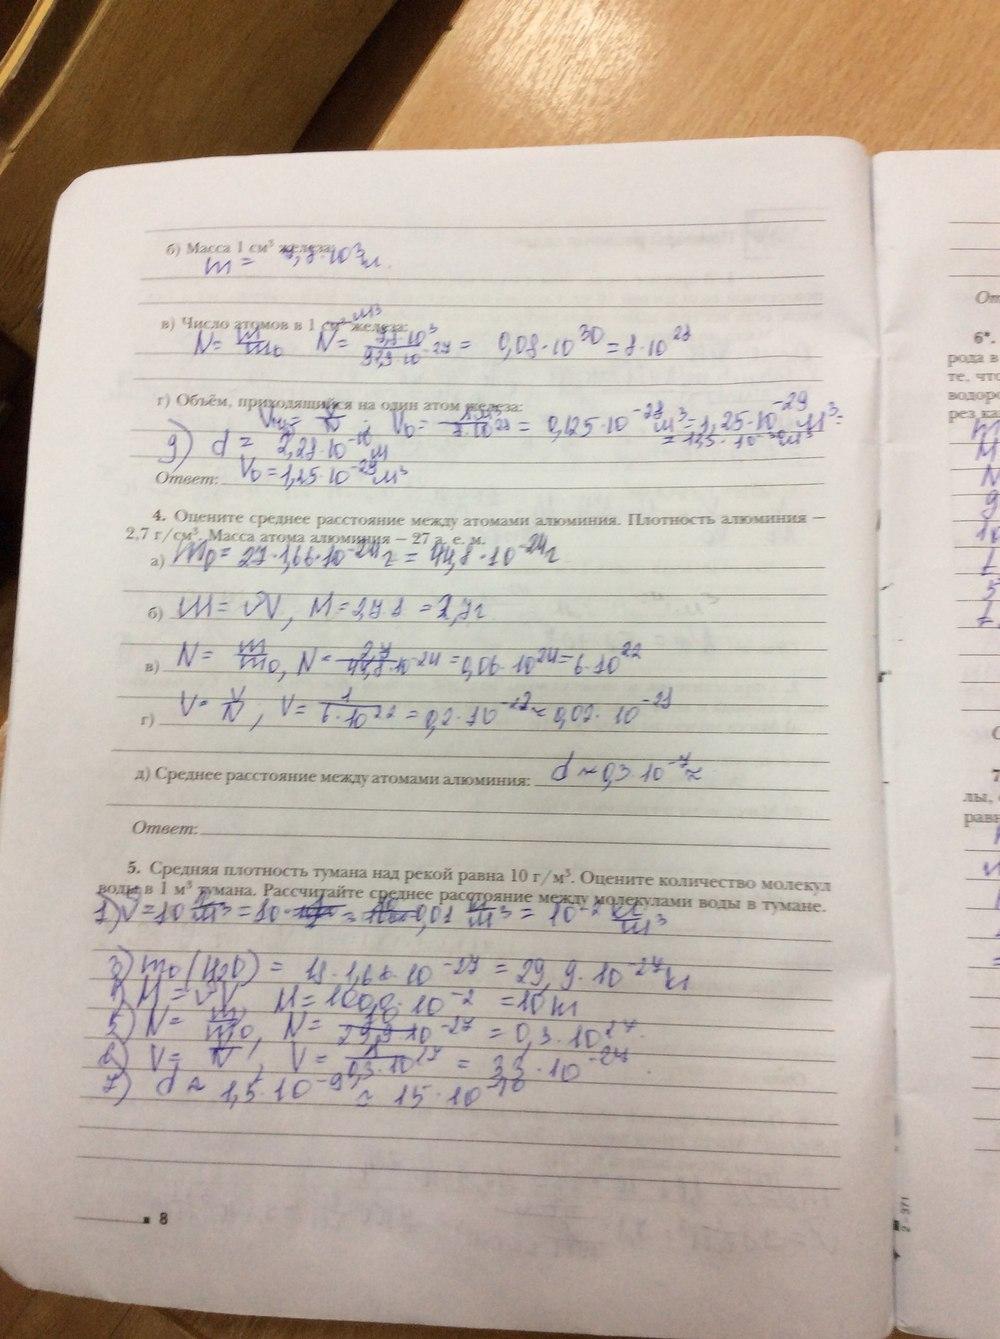 Гдз физика 8 класс грачёв погожев рабочая тетрадь